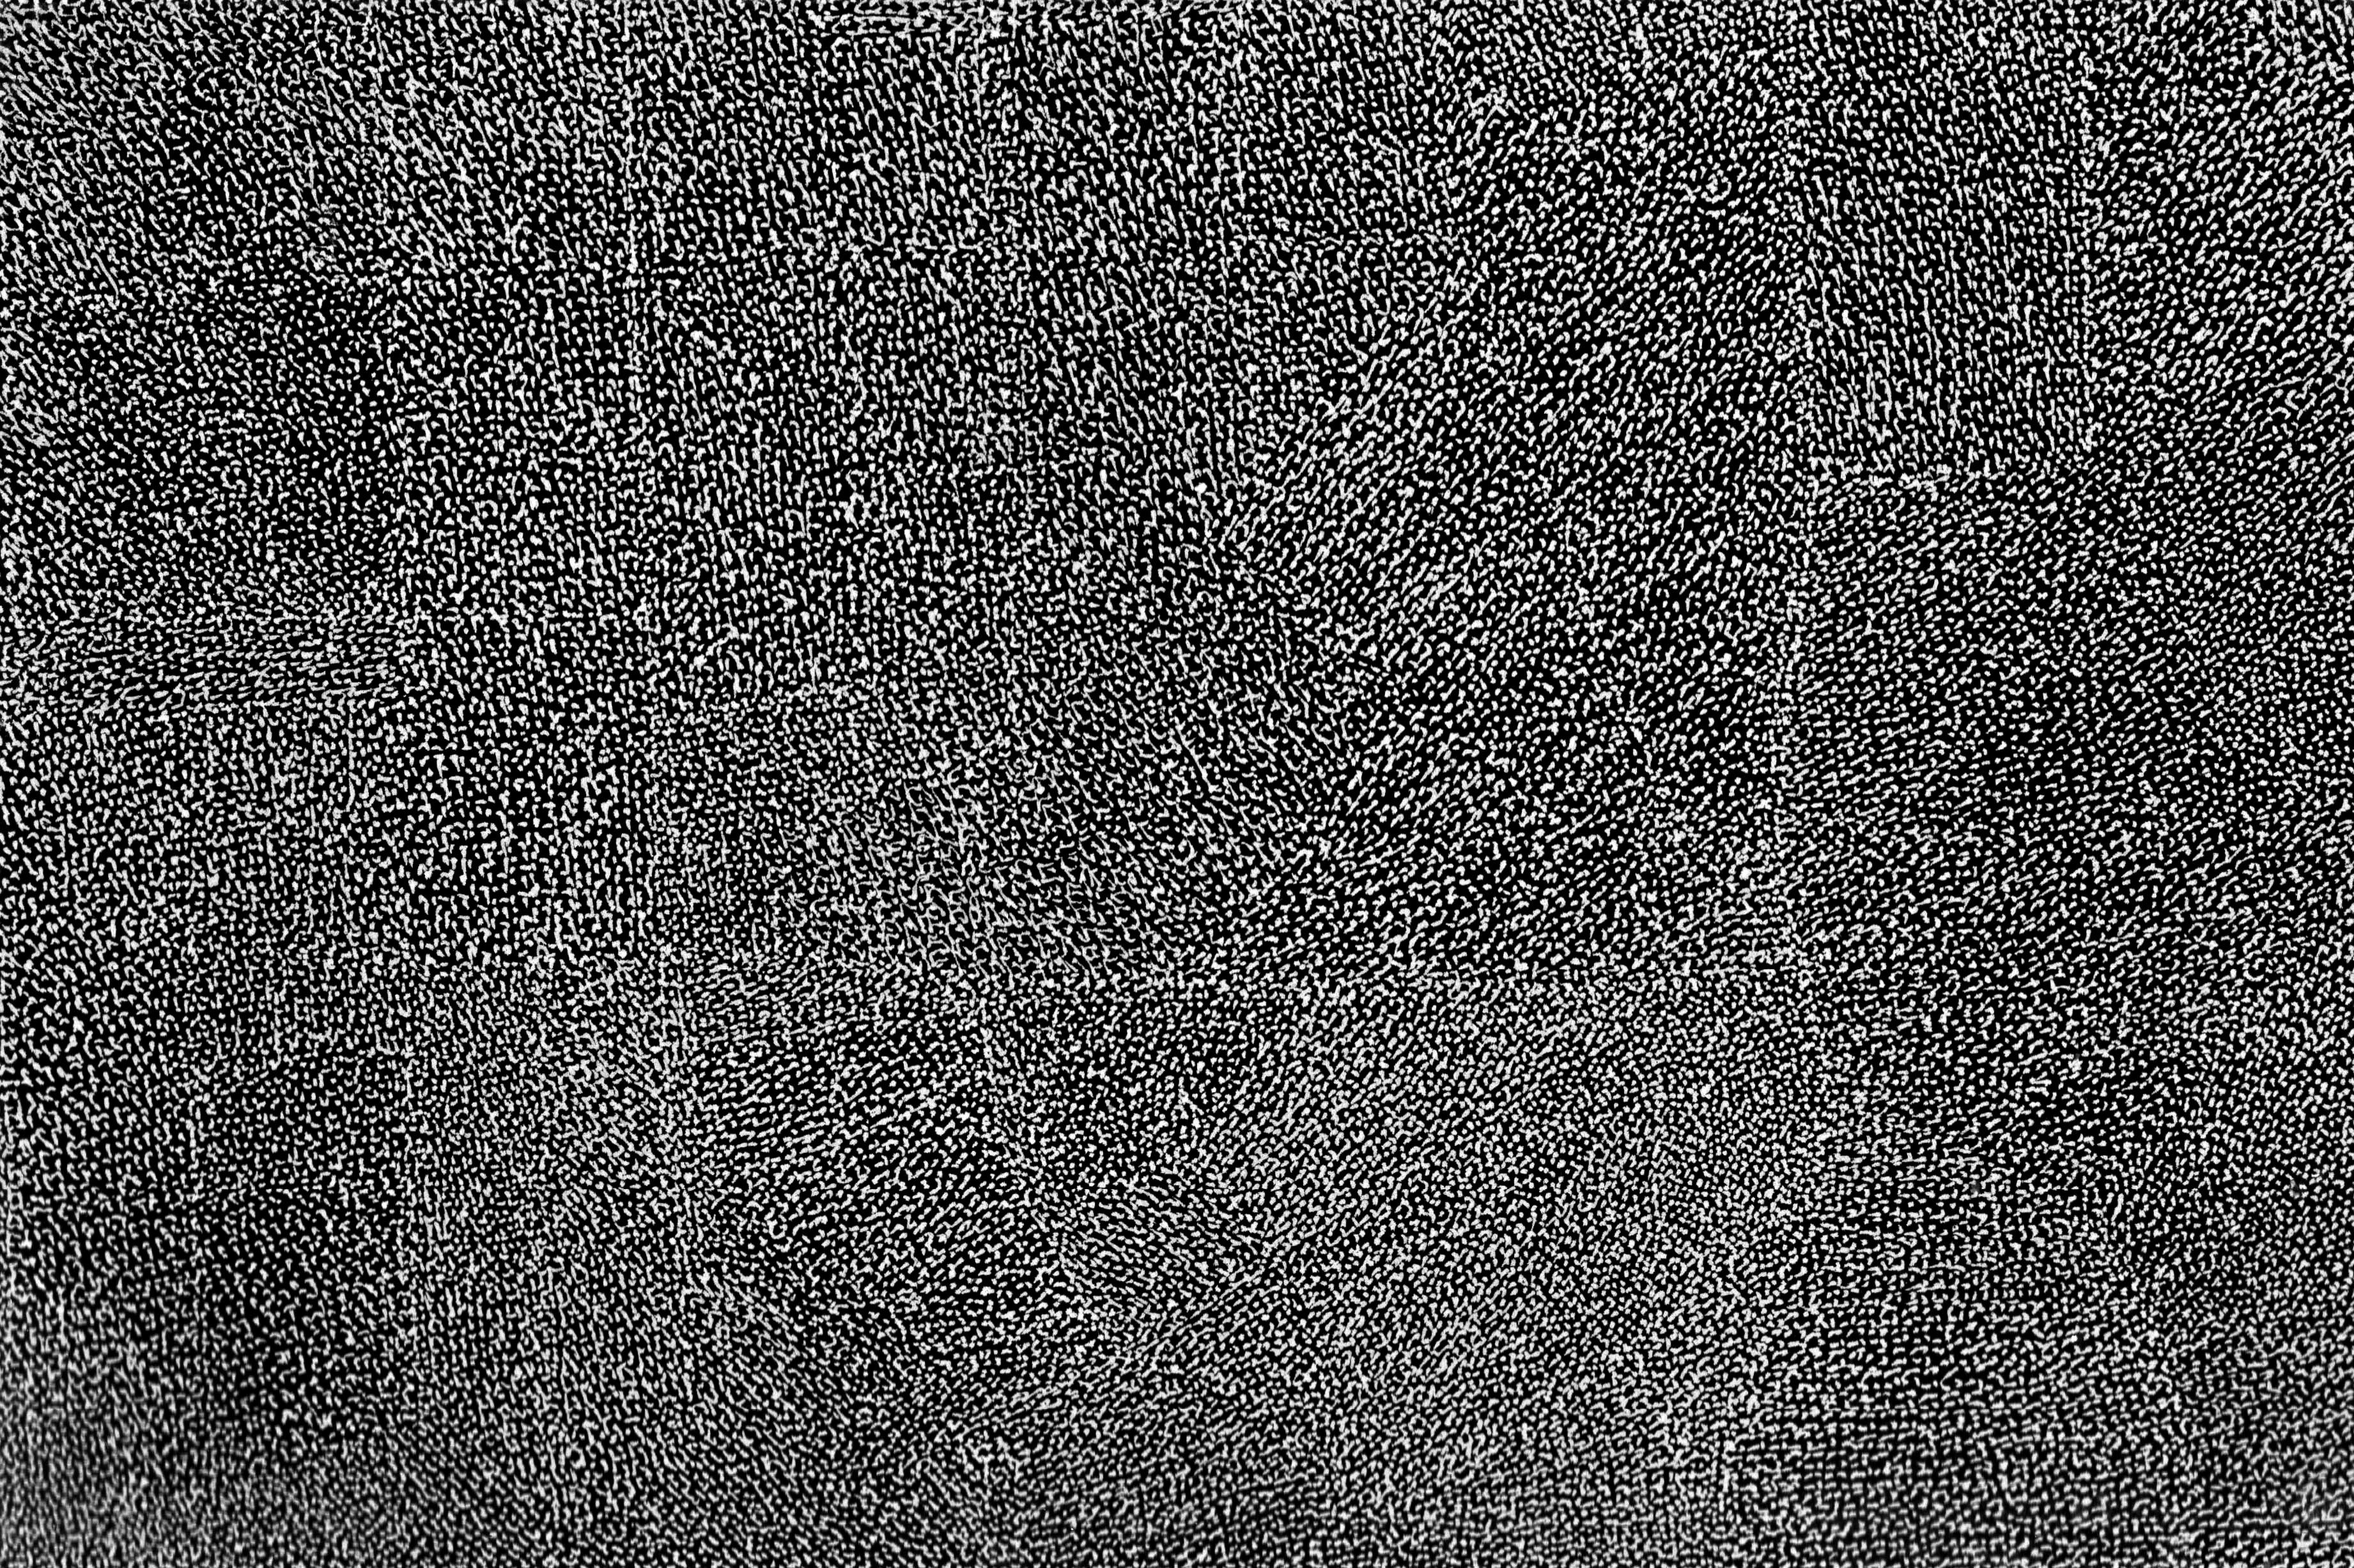 word textures